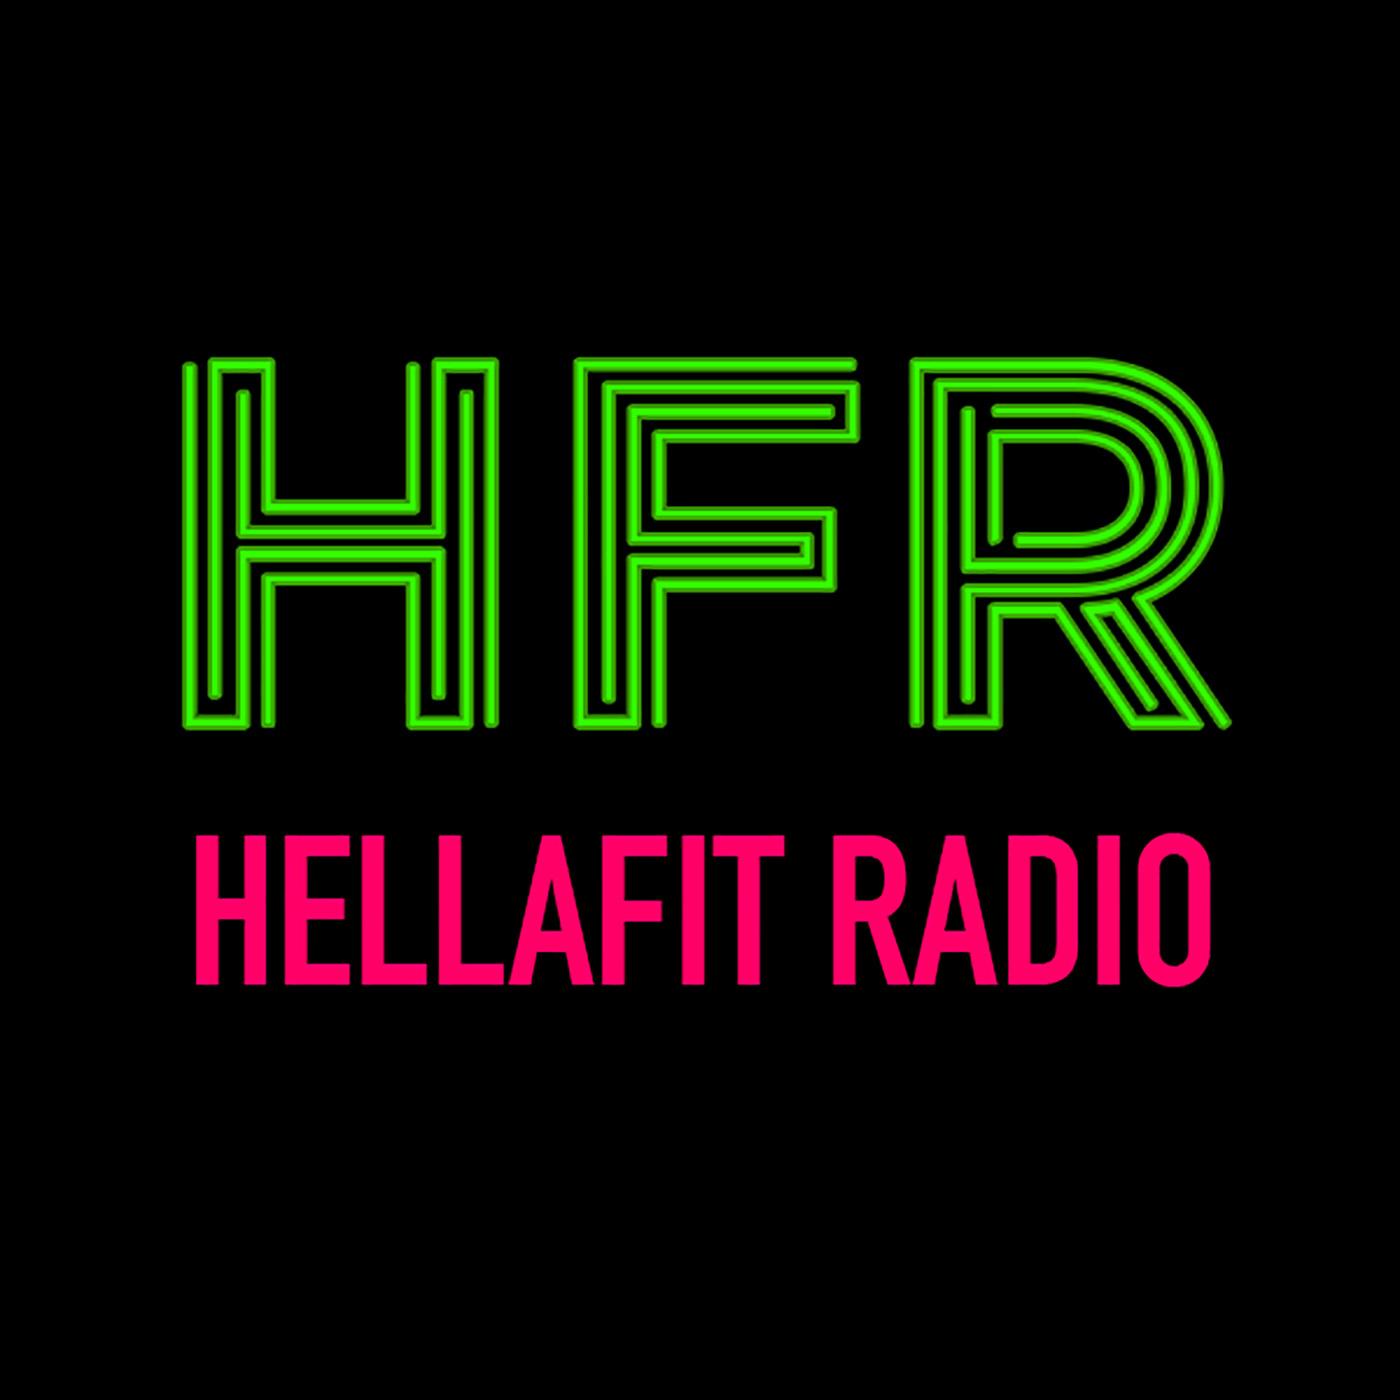 HellaFit Radio